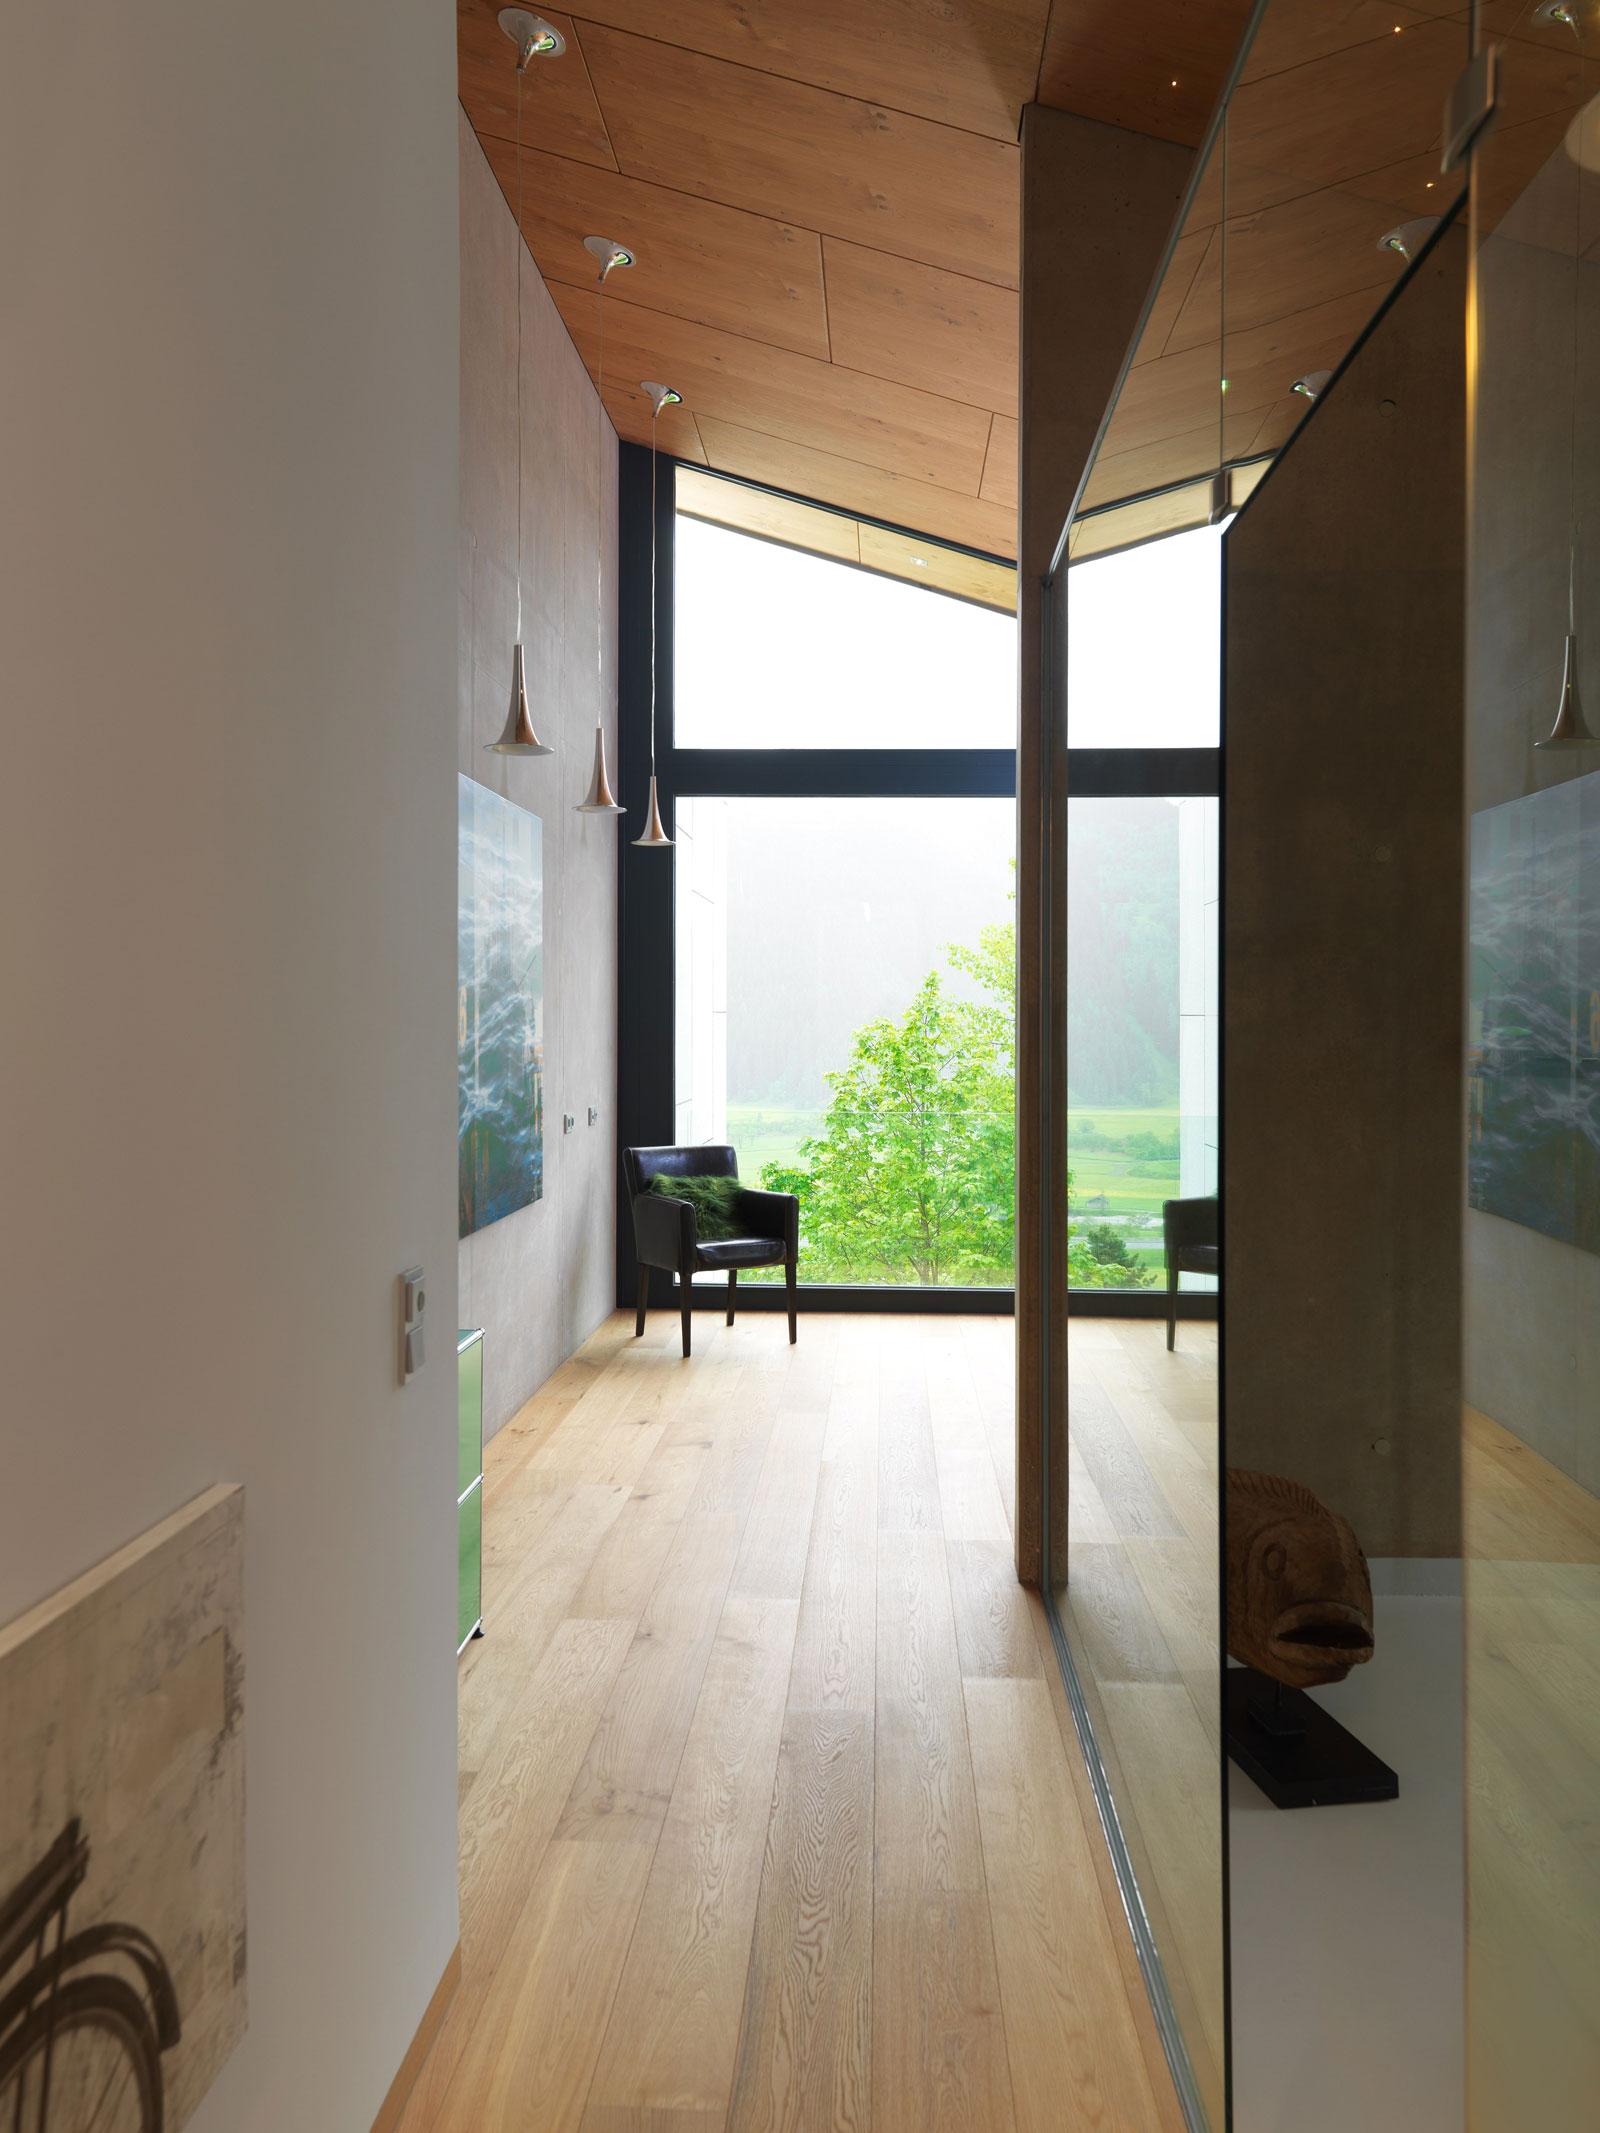 Kitzbuehel Mountain View House by SoNo arhitekti-11